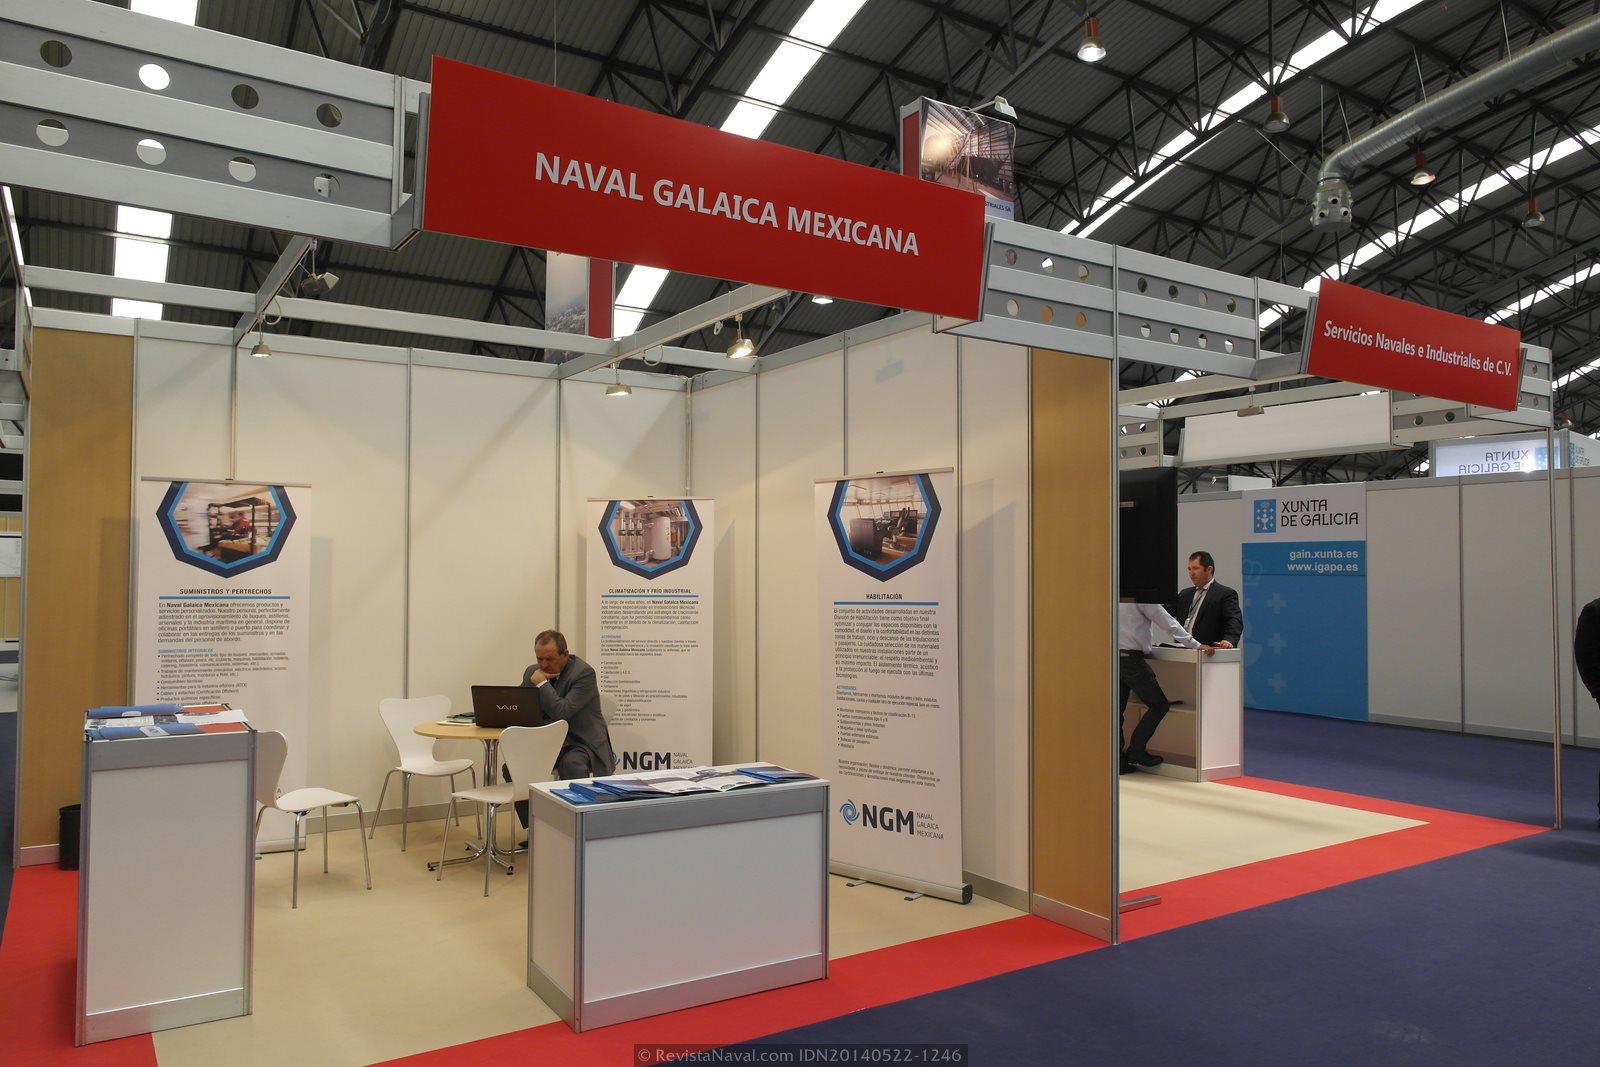 Estand de NGM Naval Galaica Mexicana (Foto: Revista Naval)